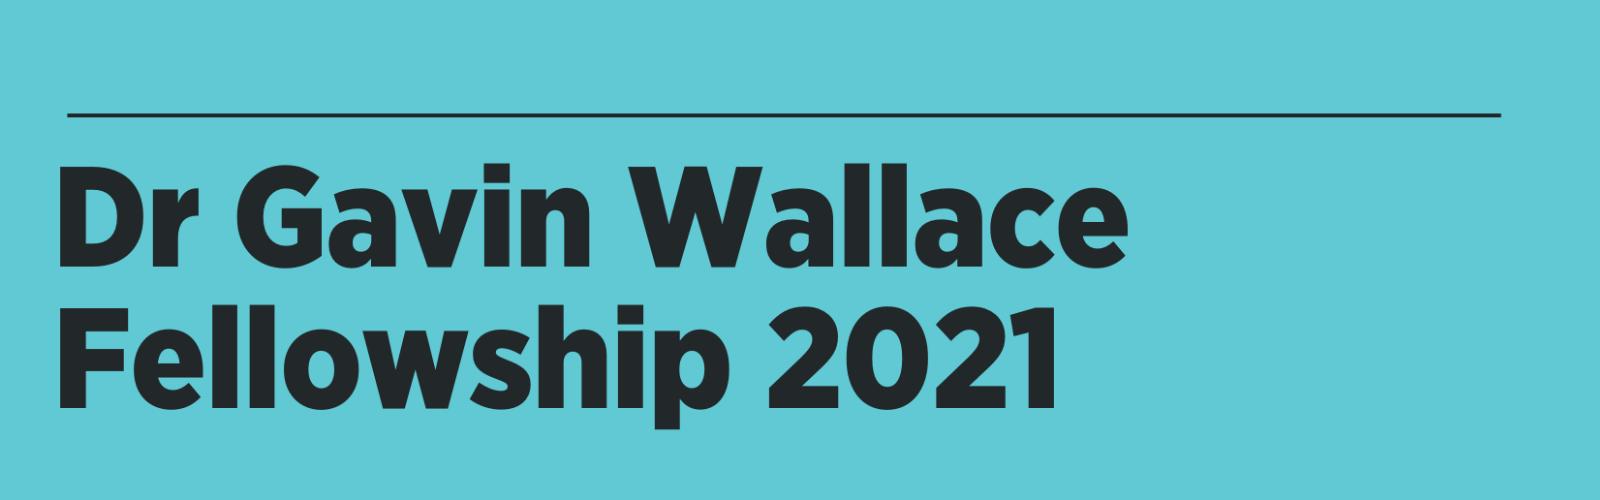 Dr Gavin Wallace Fellowship 2021